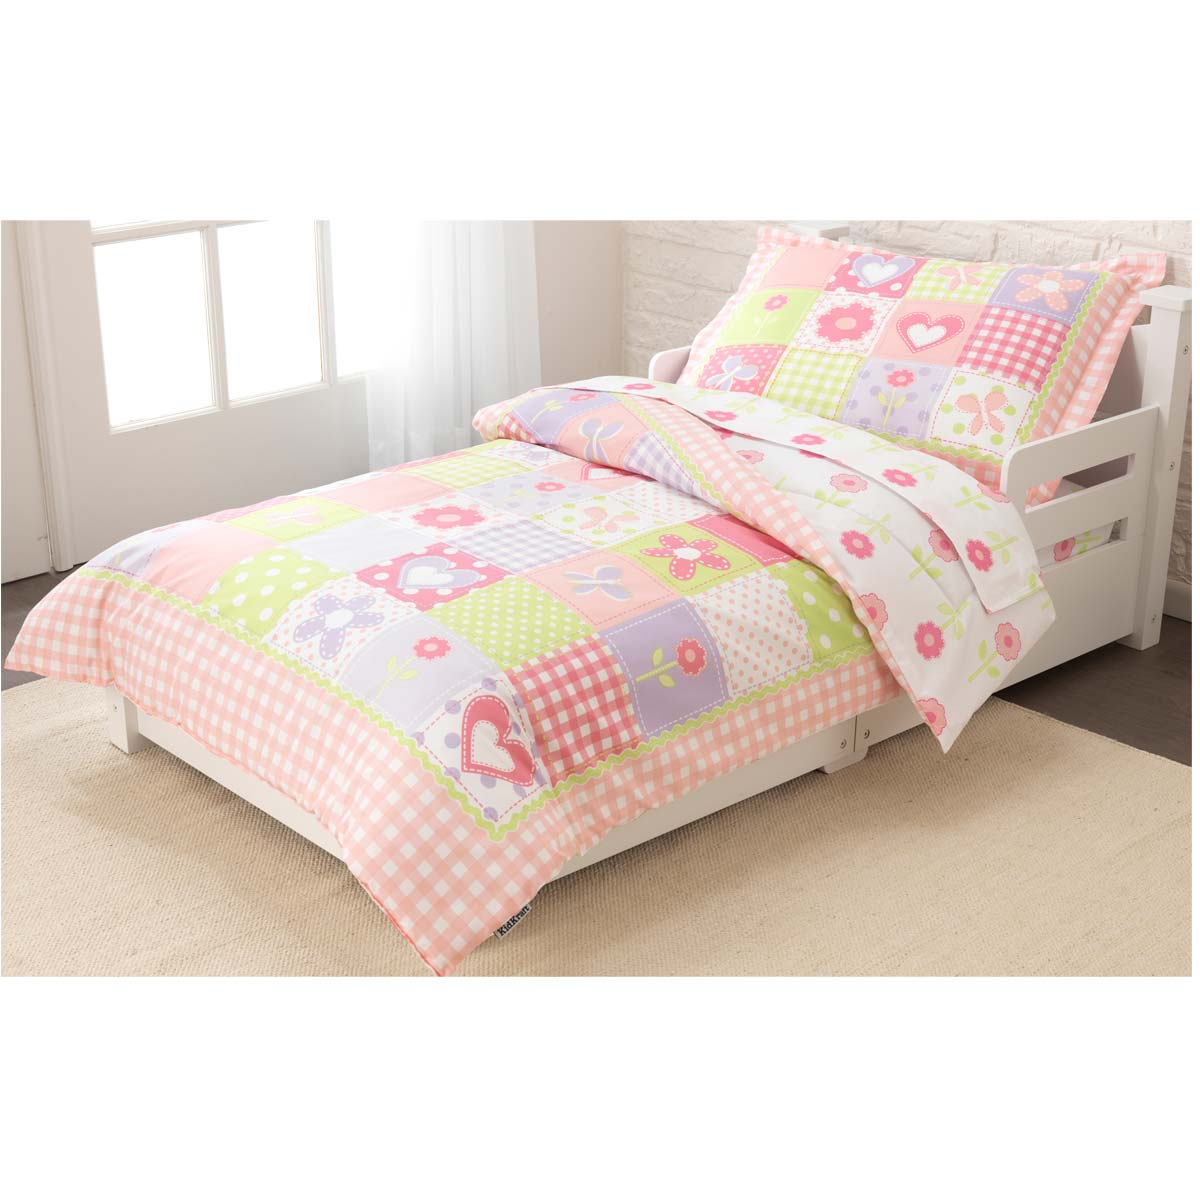 Kidkraft 77008 biancheria da letto per bambini - Letto da bambino ...